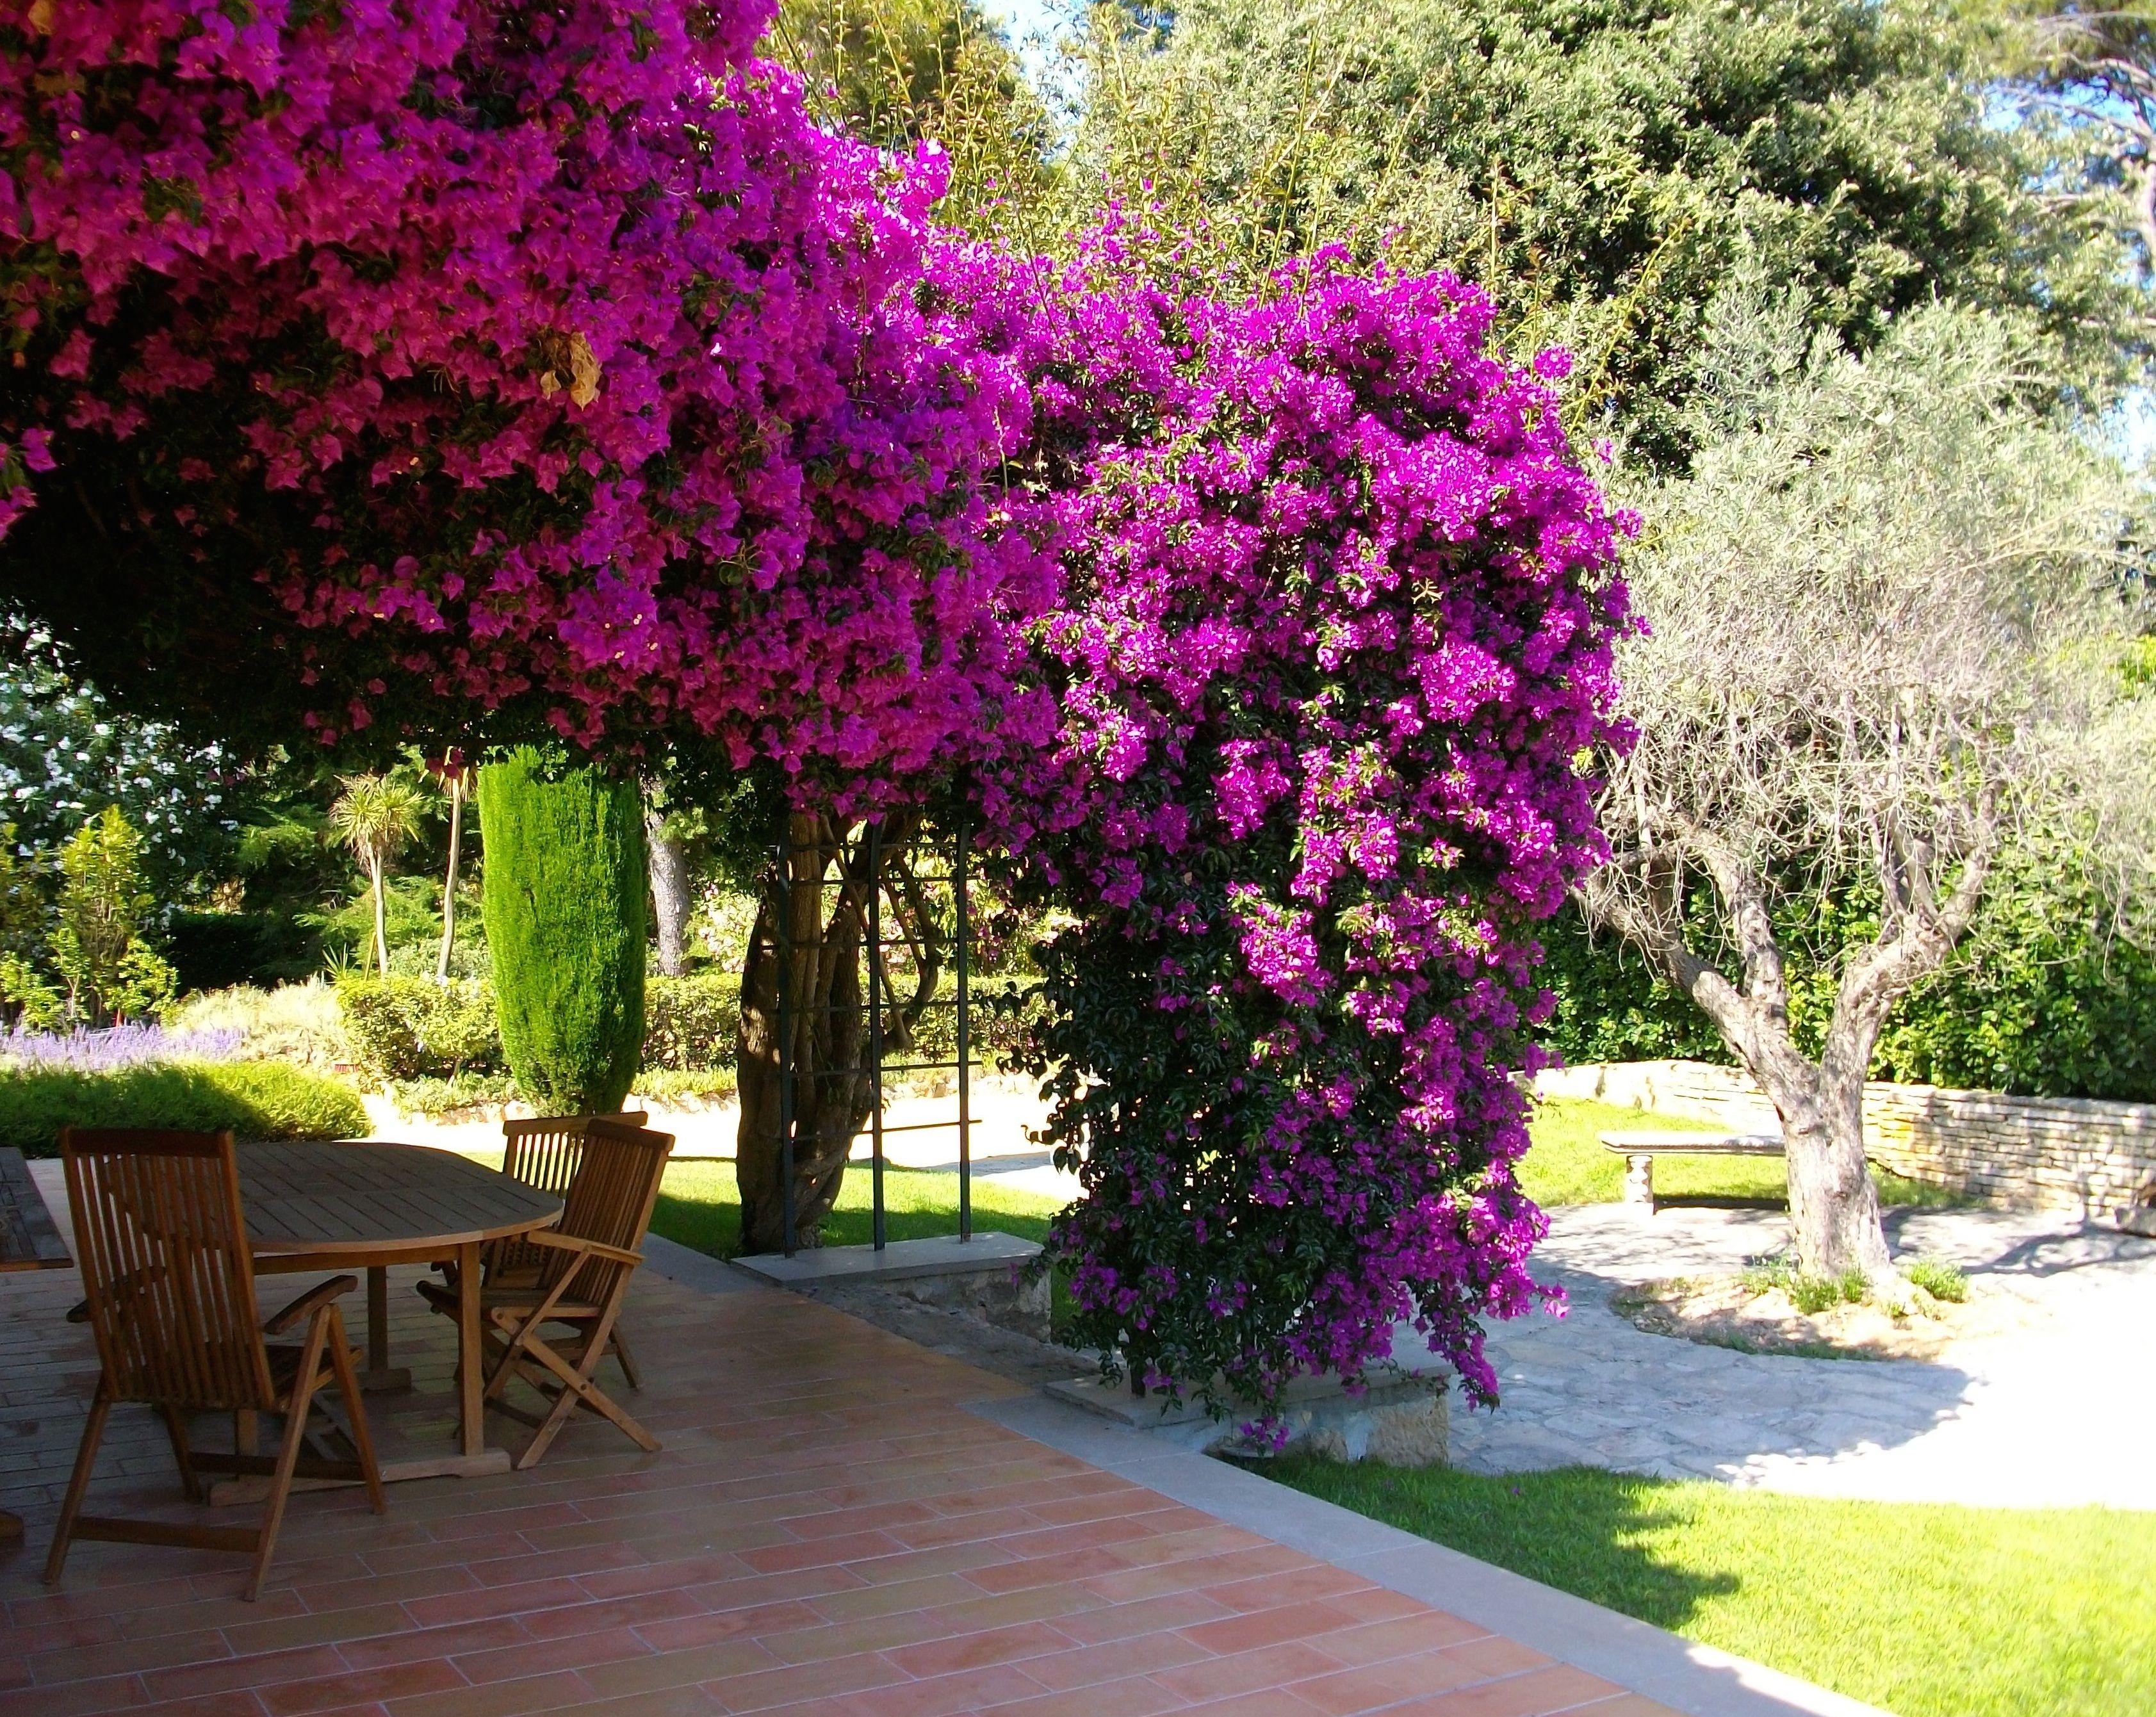 Terrasse fleurie pour joindre l 39 utile l 39 agr able nos terrasses pinterest agr able - Terrasse et jardin fleuri paris ...